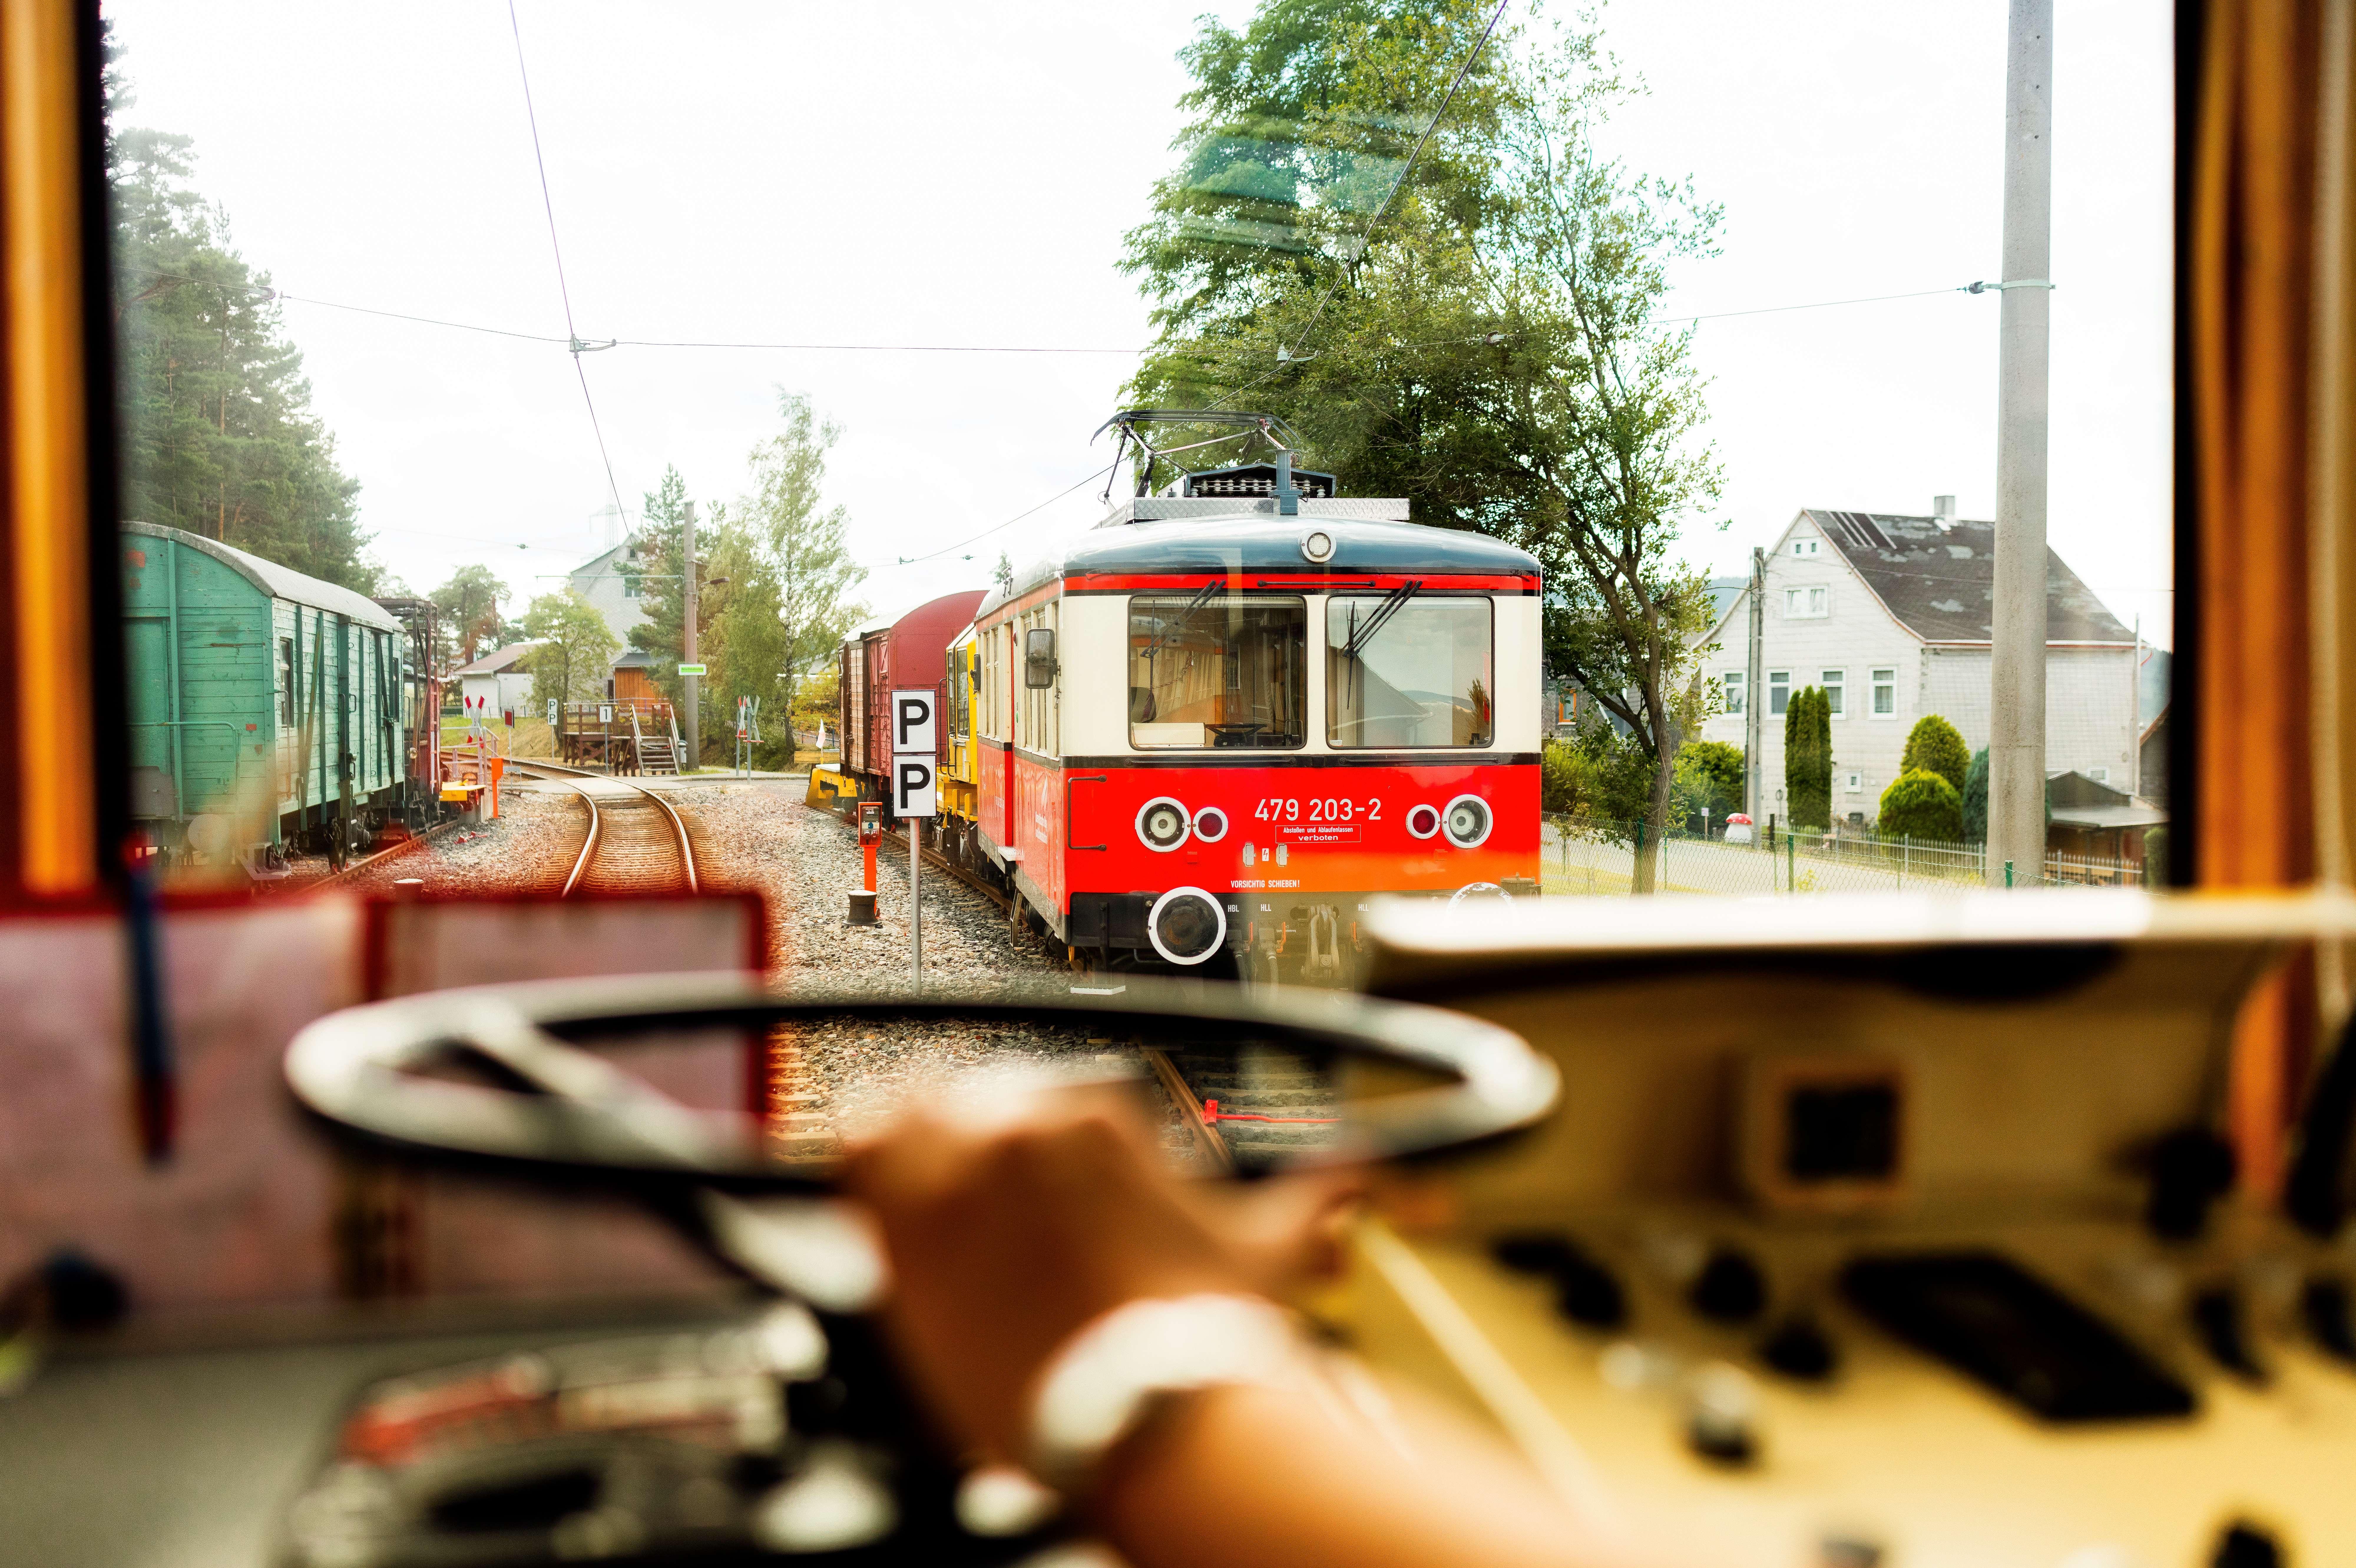 Es ist ein beigeroter Triebwagen durch ein Fenster zu sehen. Im Vordergrund sind Bedienelemente eines alten Triebwagens.